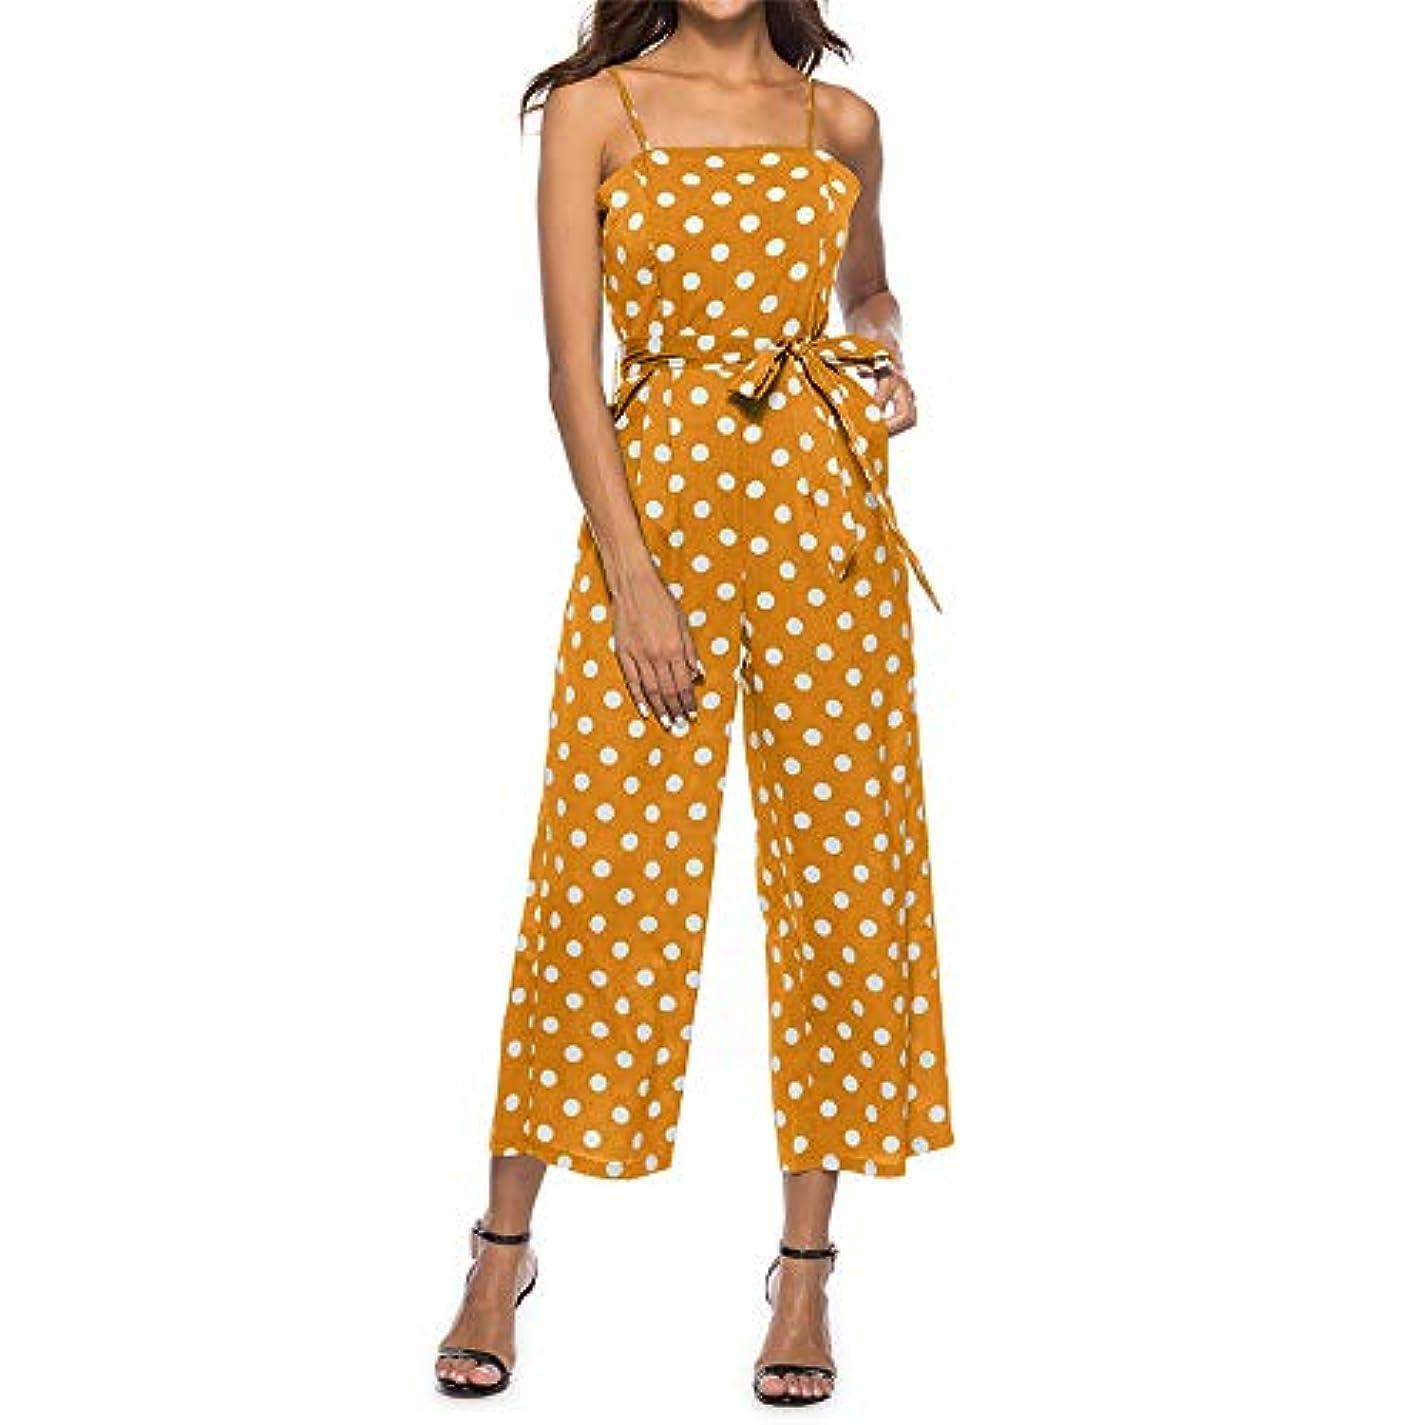 ランデブー薬チラチラする女性夏スパゲッティストラップノースリーブハイウエストベルトロングジャンプスーツロンパースカジュアル緩いポルカドットラウンジワイド脚パラッツォパンツブーツカットズボン (色 : 黄, サイズ : XL)